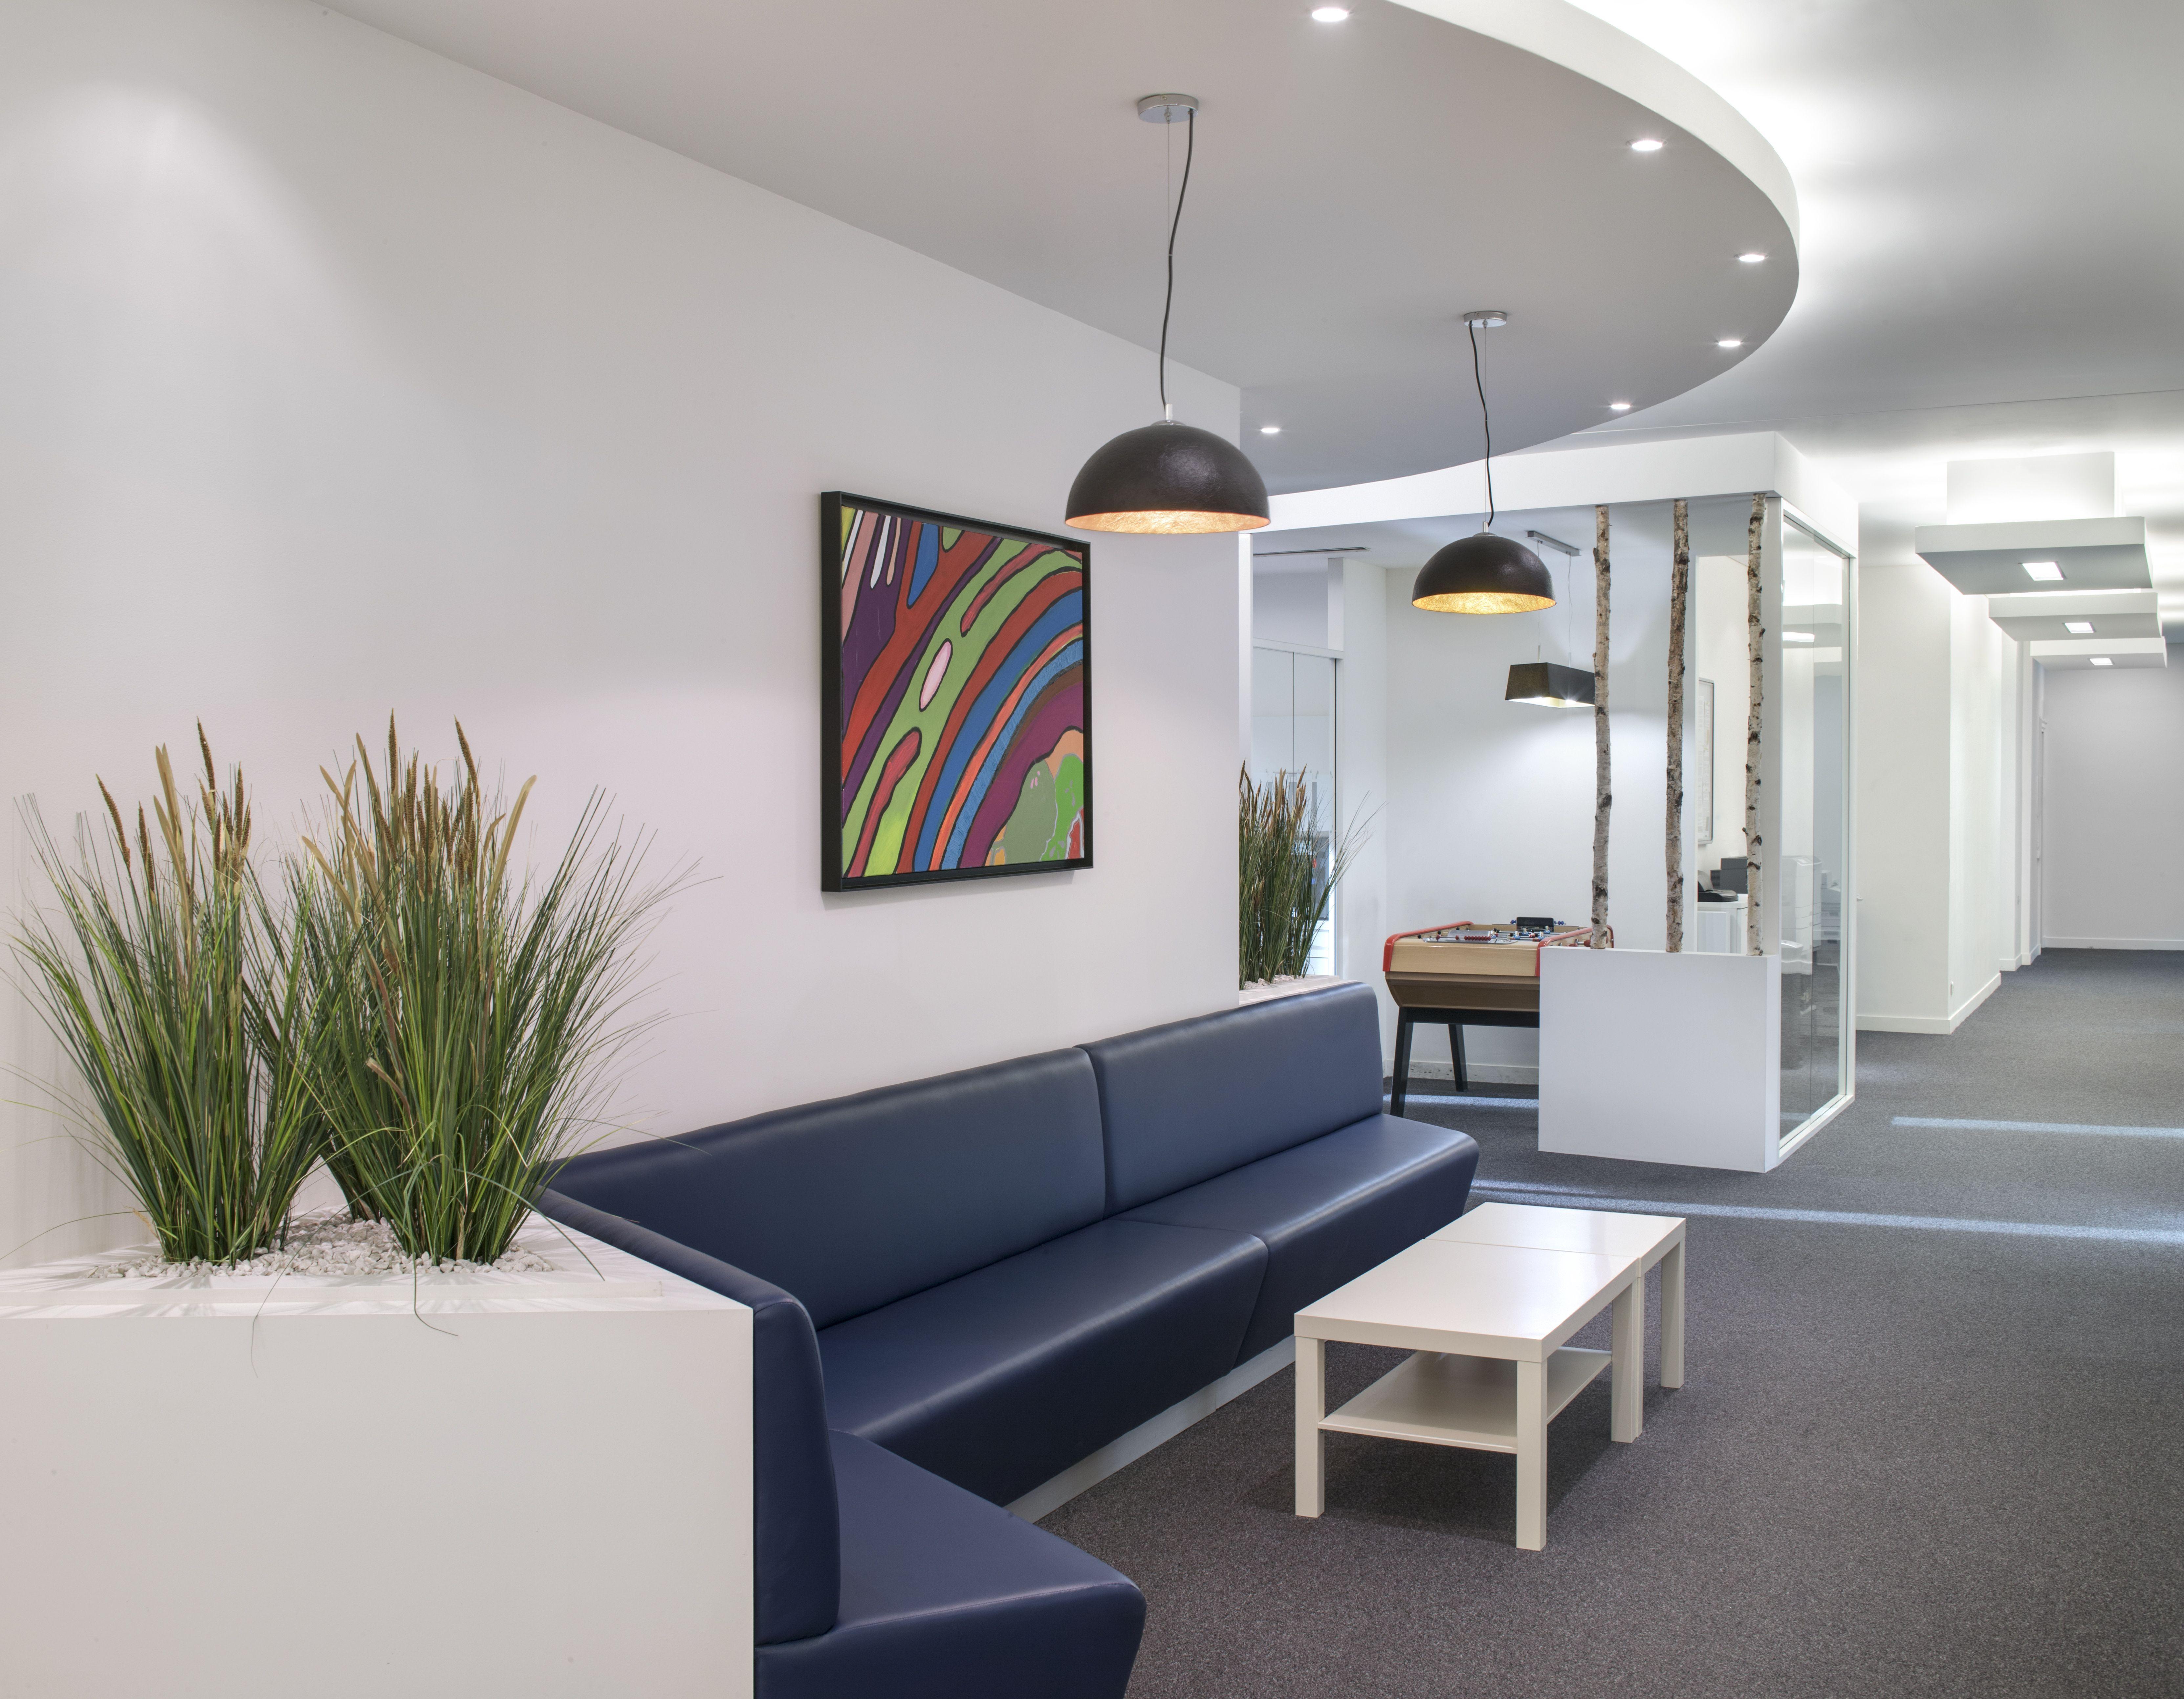 comment concevoir un espace d 39 accueil exemples d 39 inspirations style design bureau bureaux. Black Bedroom Furniture Sets. Home Design Ideas